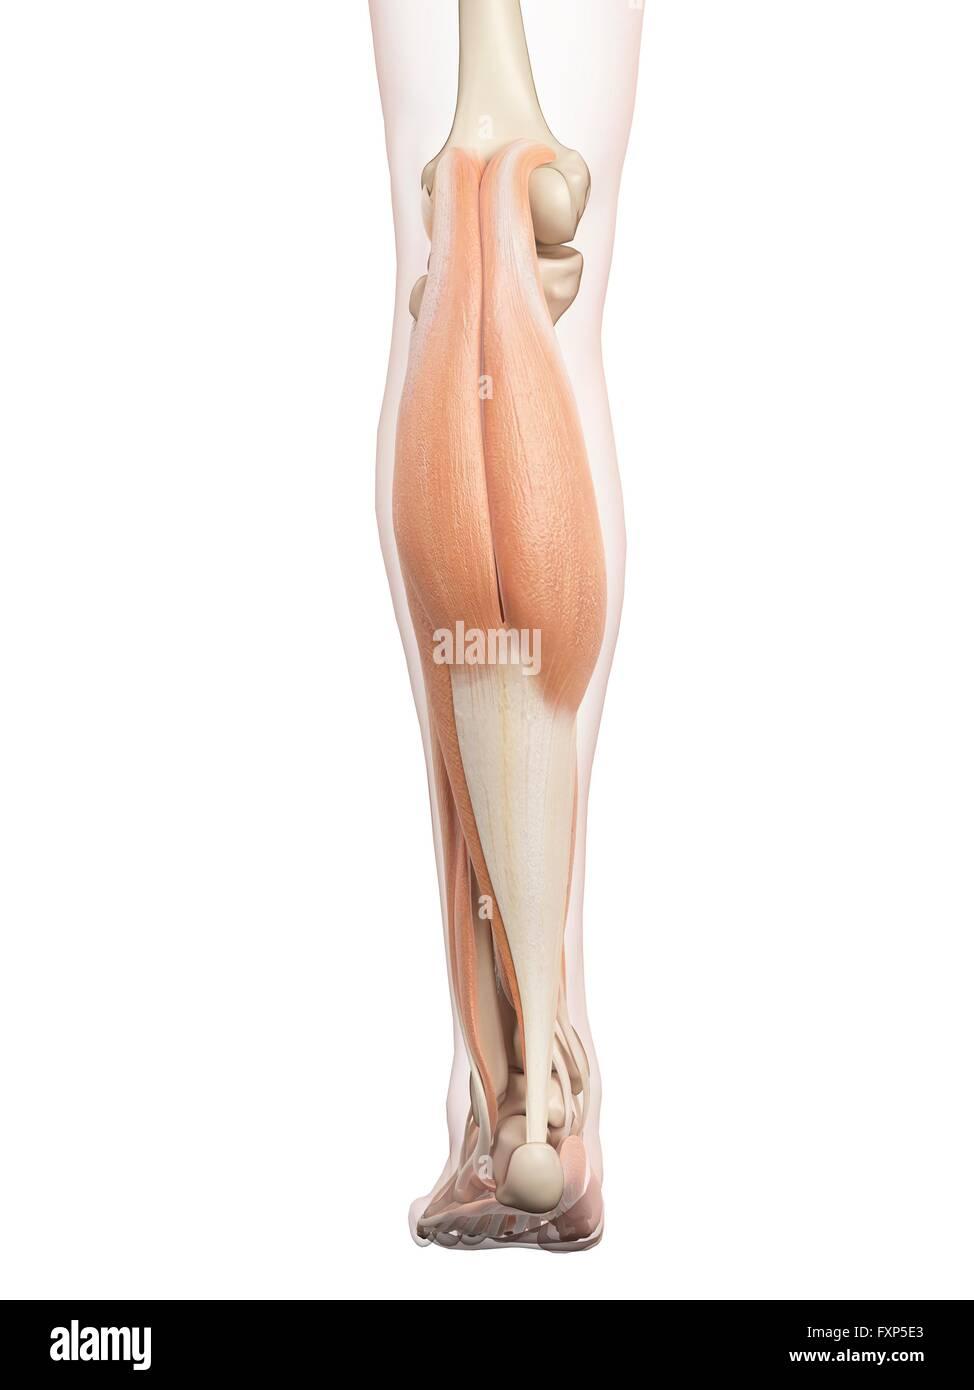 Erfreut Beinmuskel Anatomie Diagramm Ideen - Physiologie Von ...